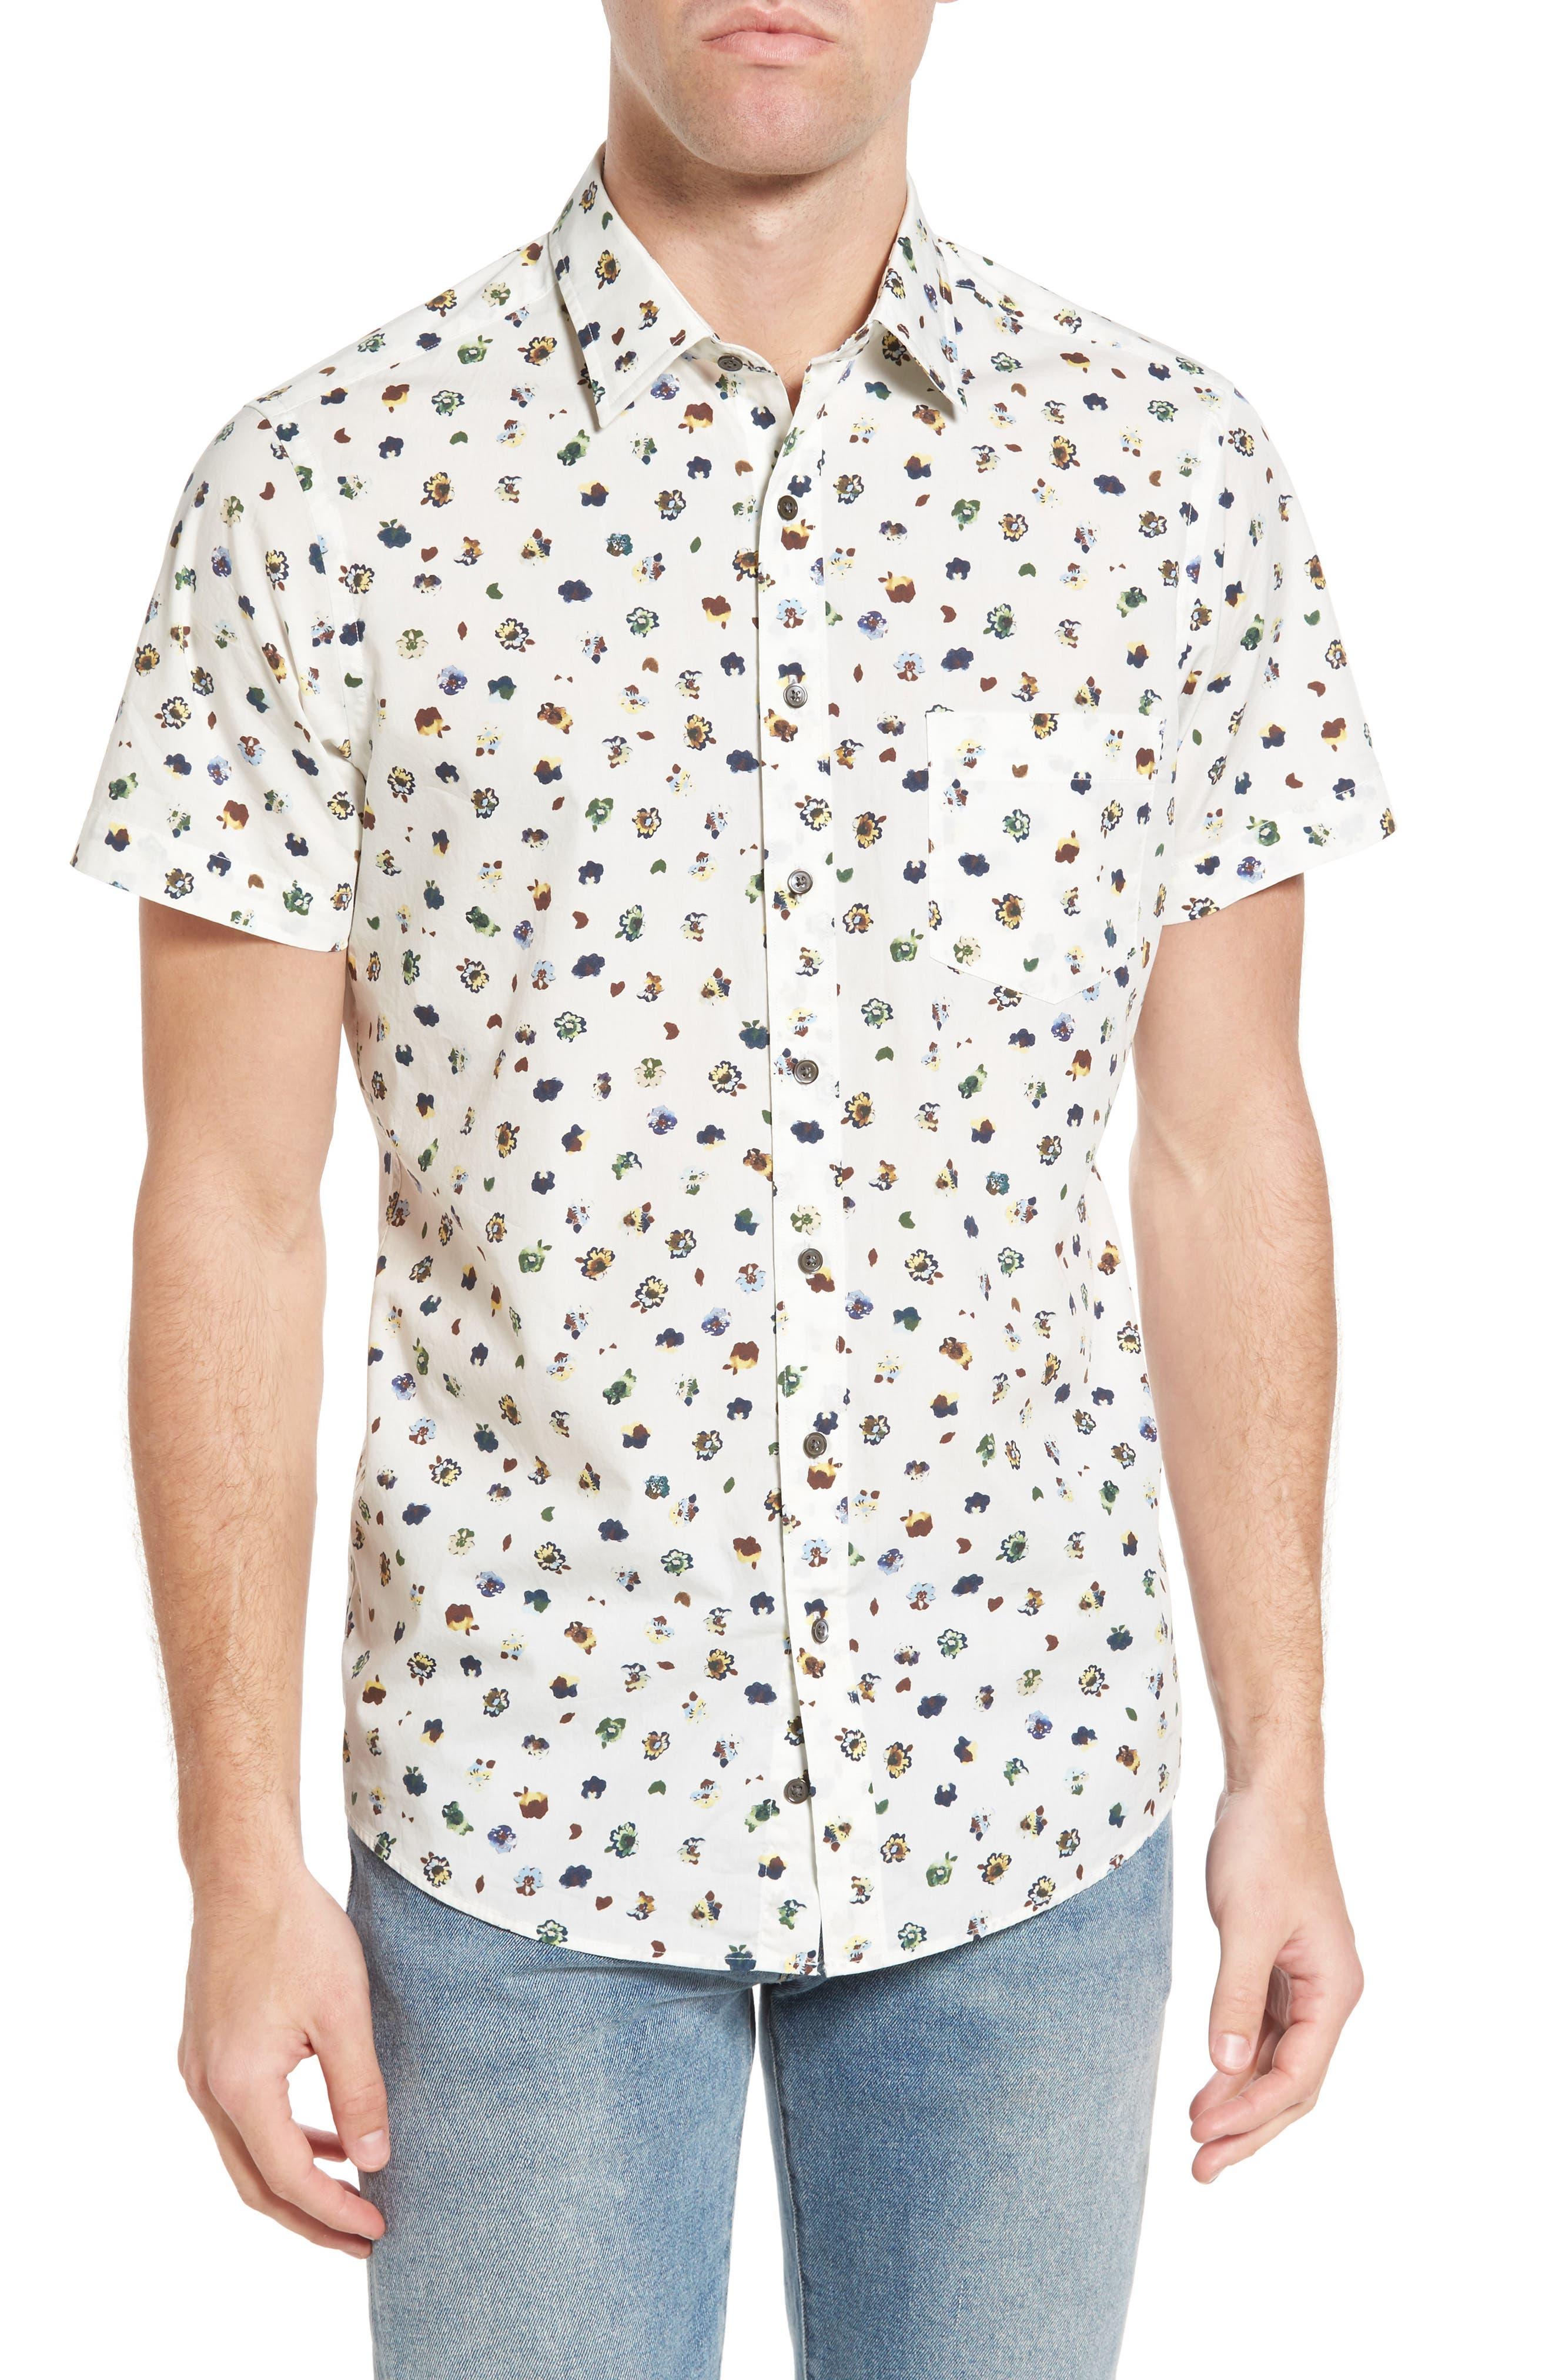 Linton Park Sports Fit Sport Shirt,                             Main thumbnail 1, color,                             101